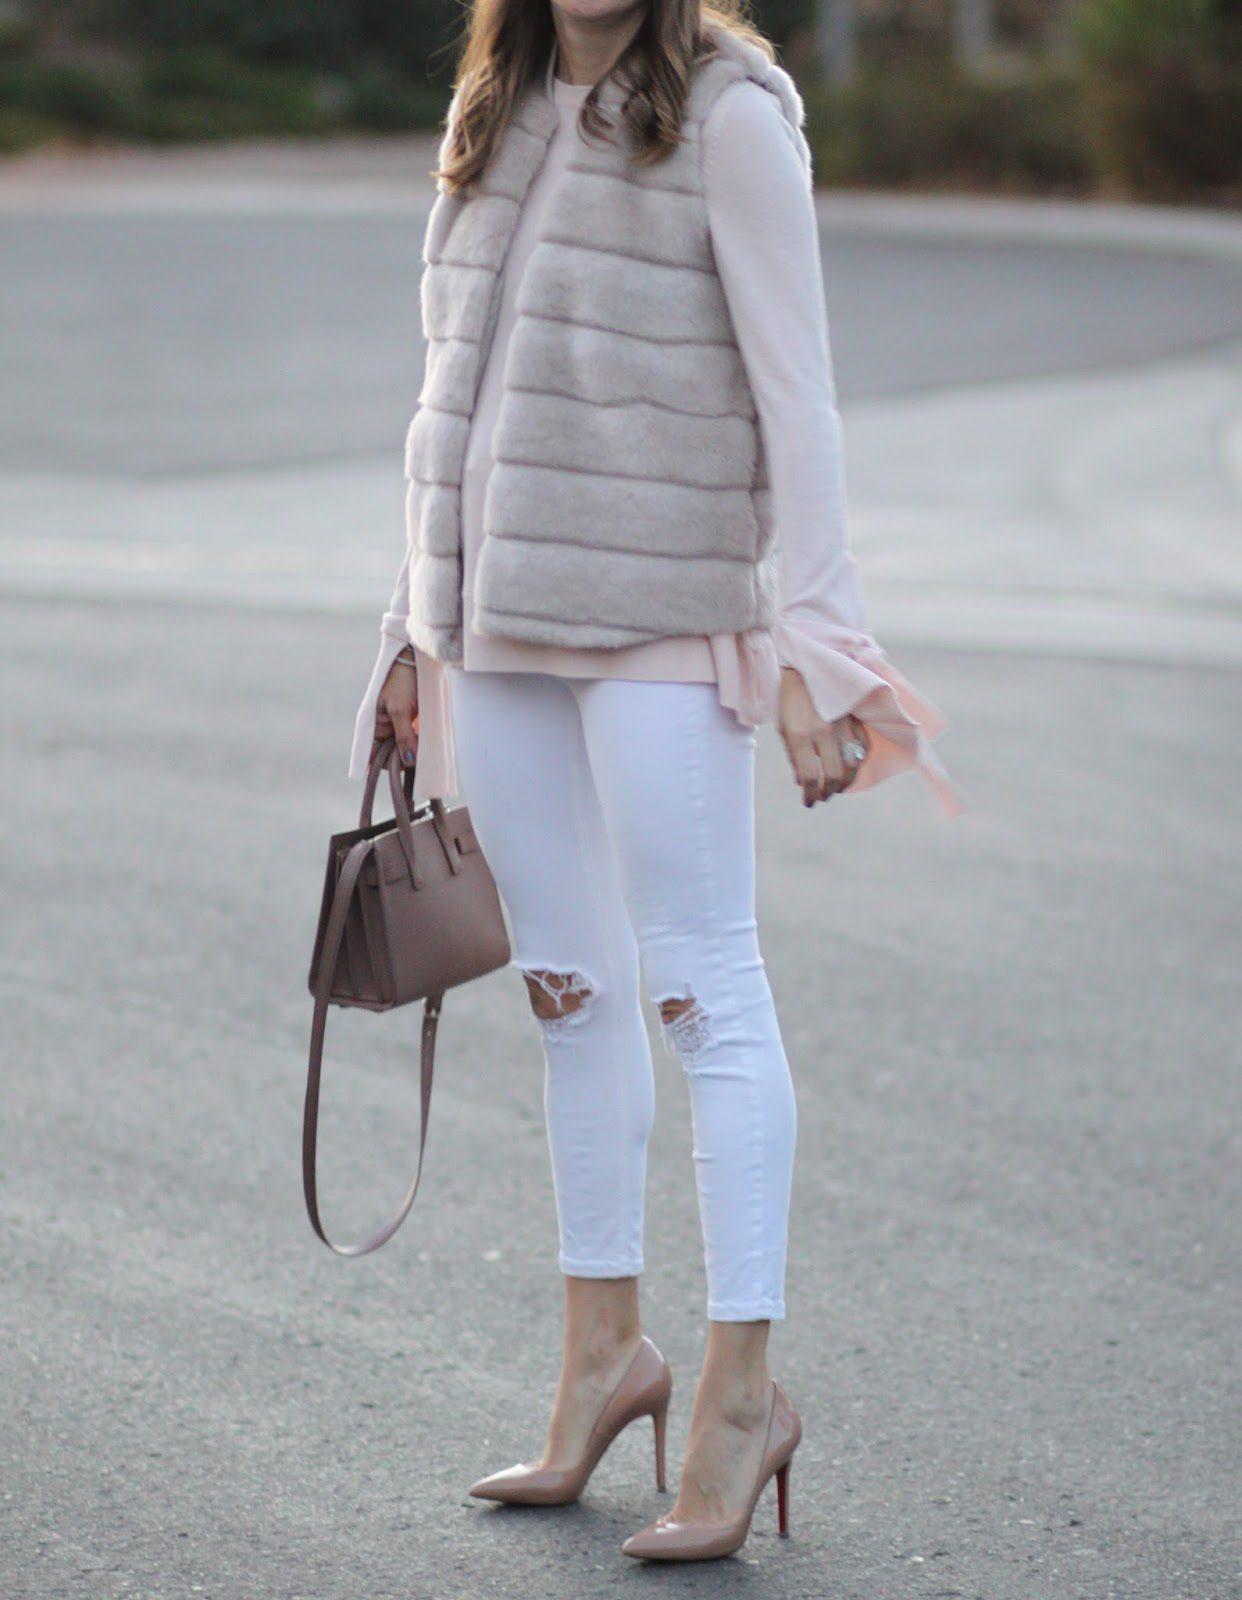 saint laurent nano bag outfit